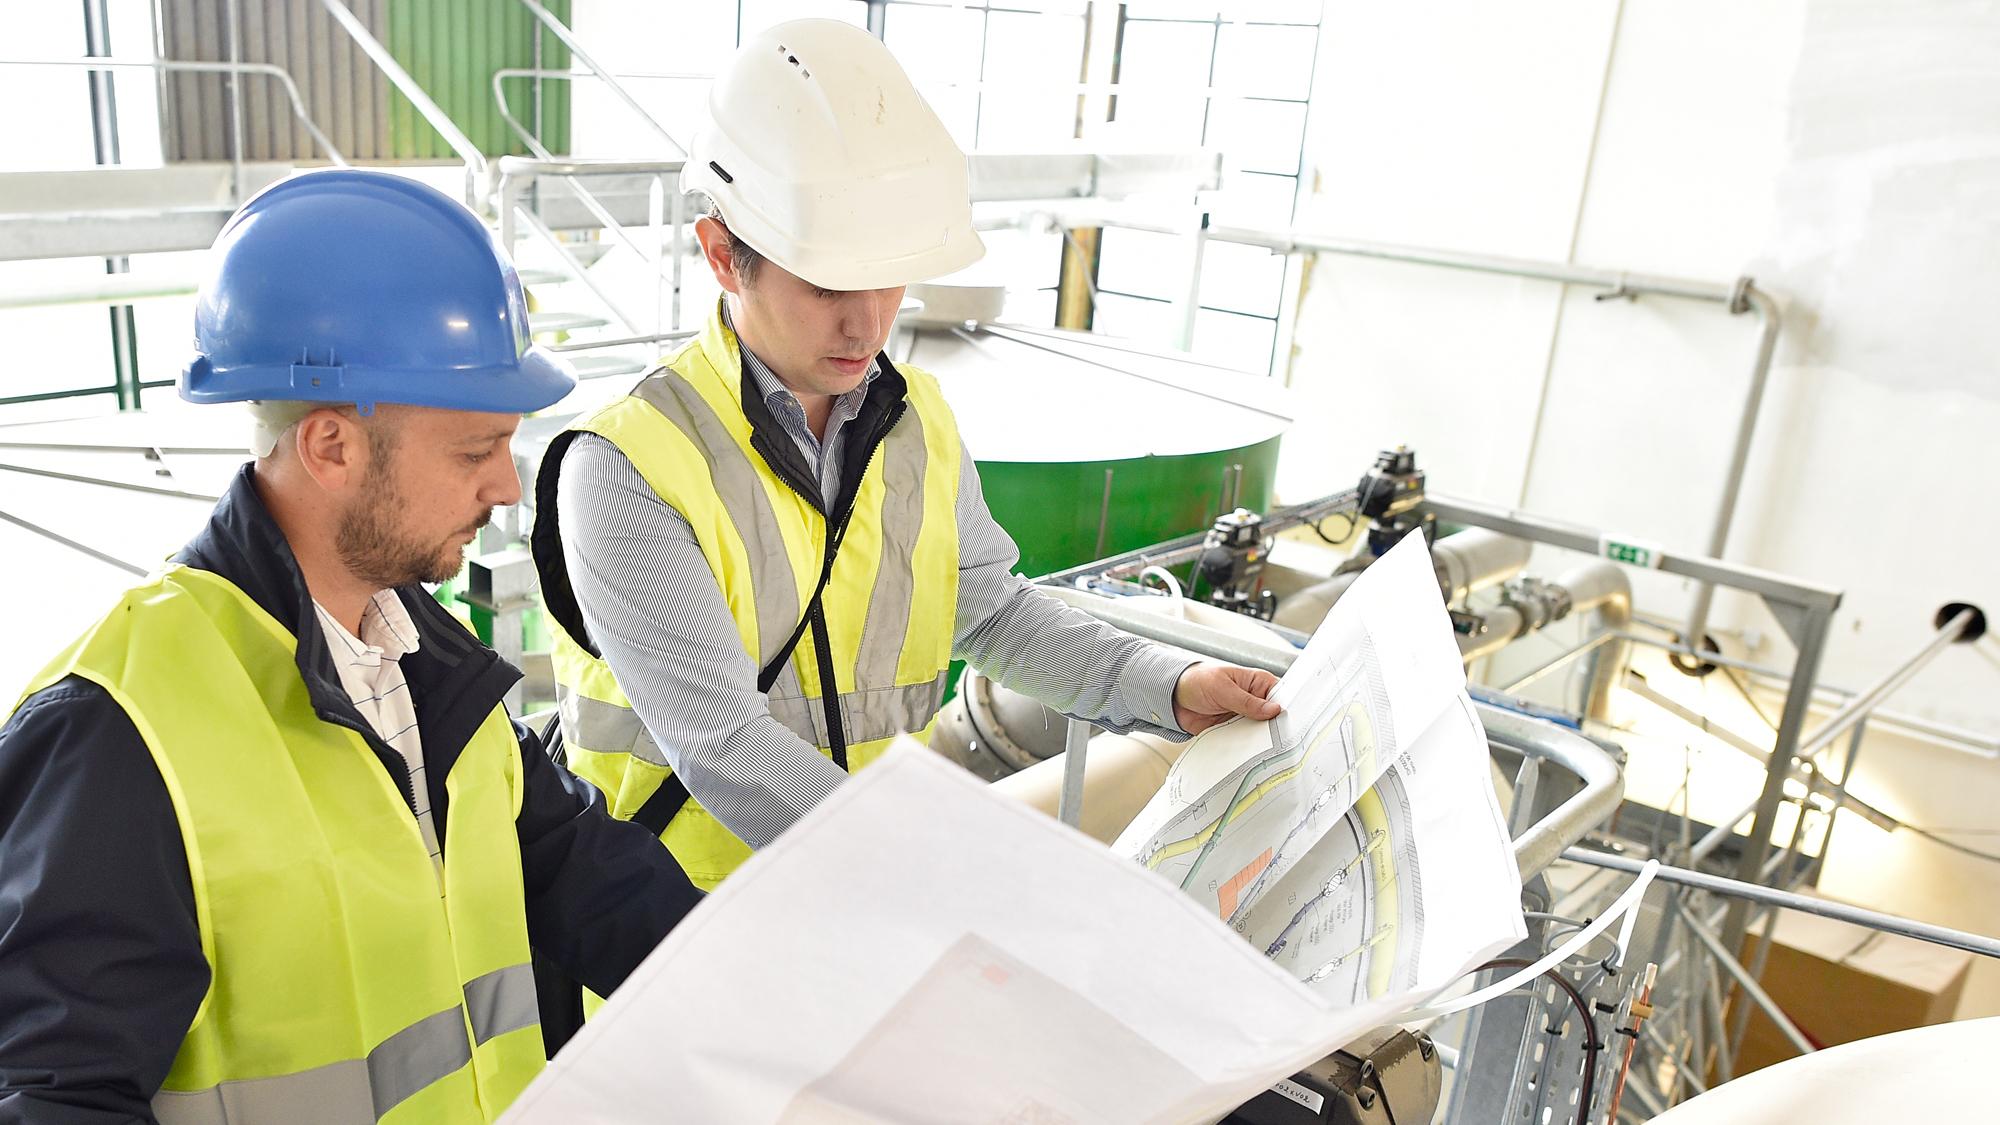 SUEZ businesses waste management contract 2000x1125